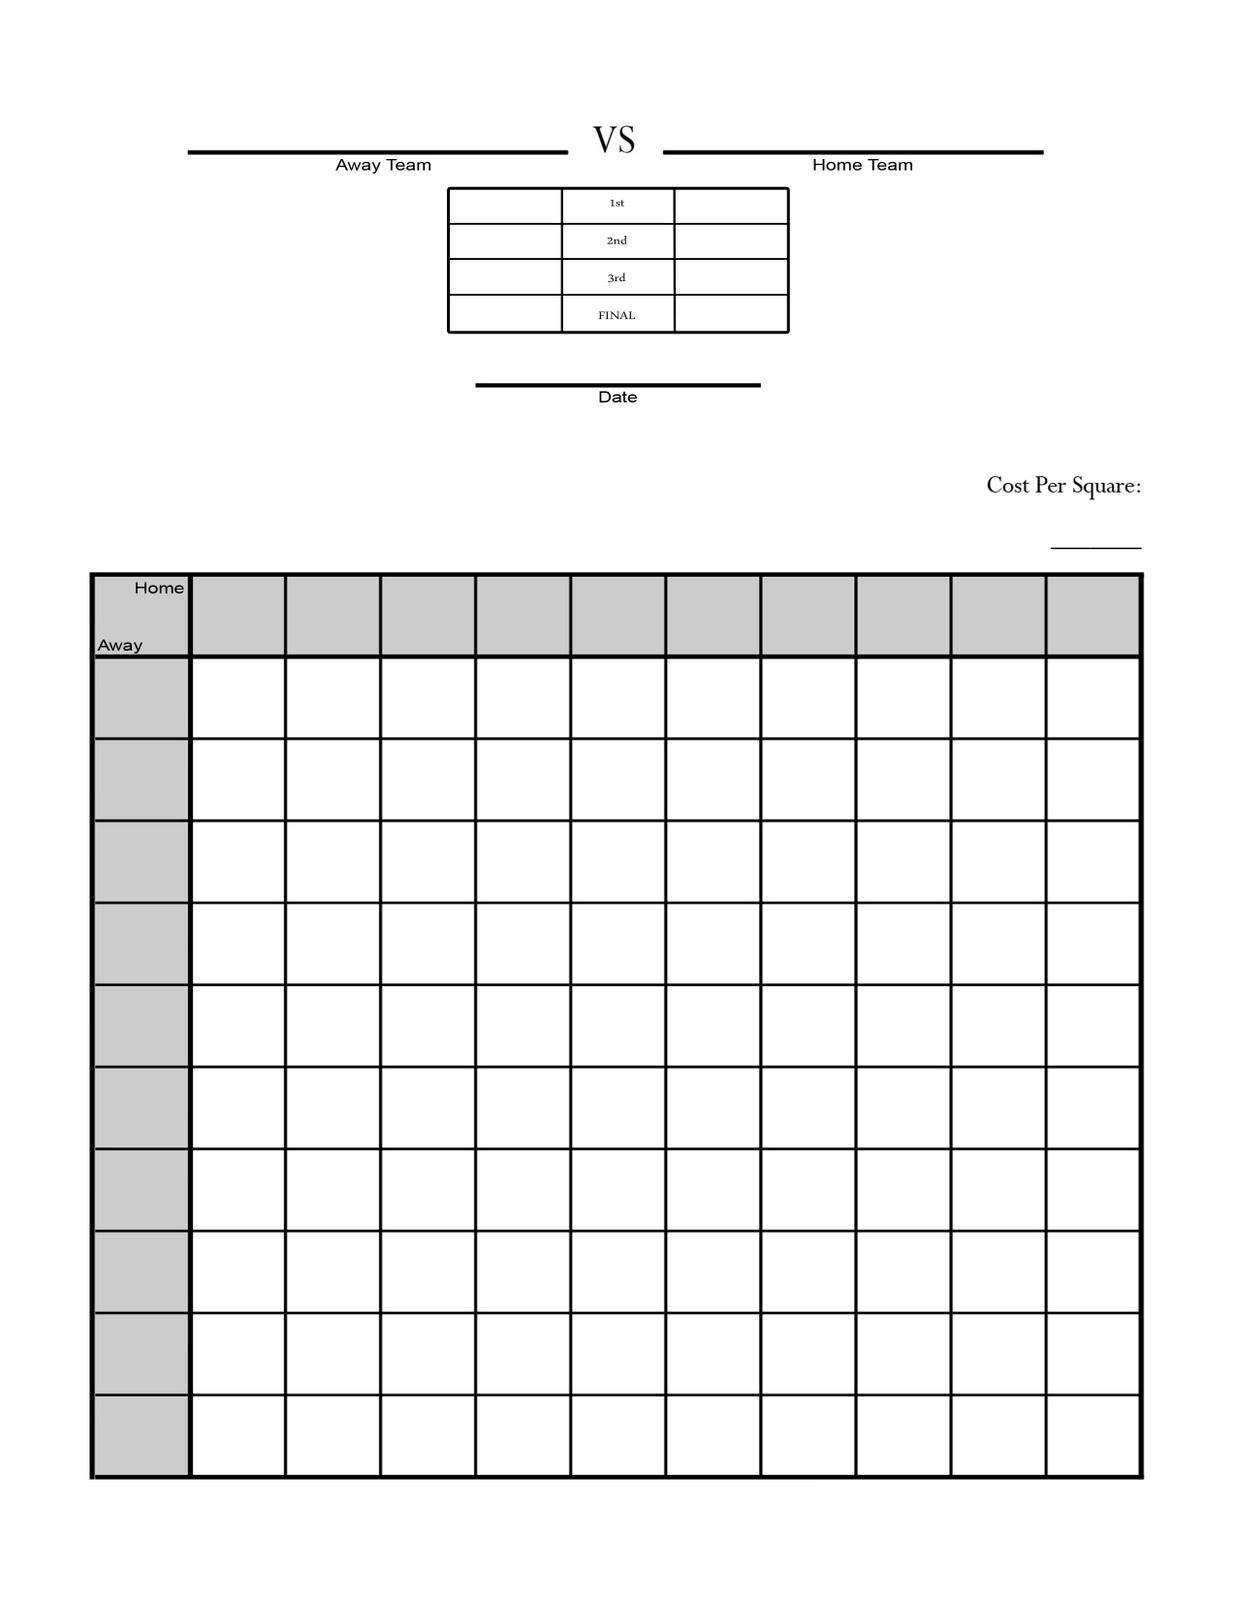 Super Bowl Squares Sheet Game Download Printable Panthers